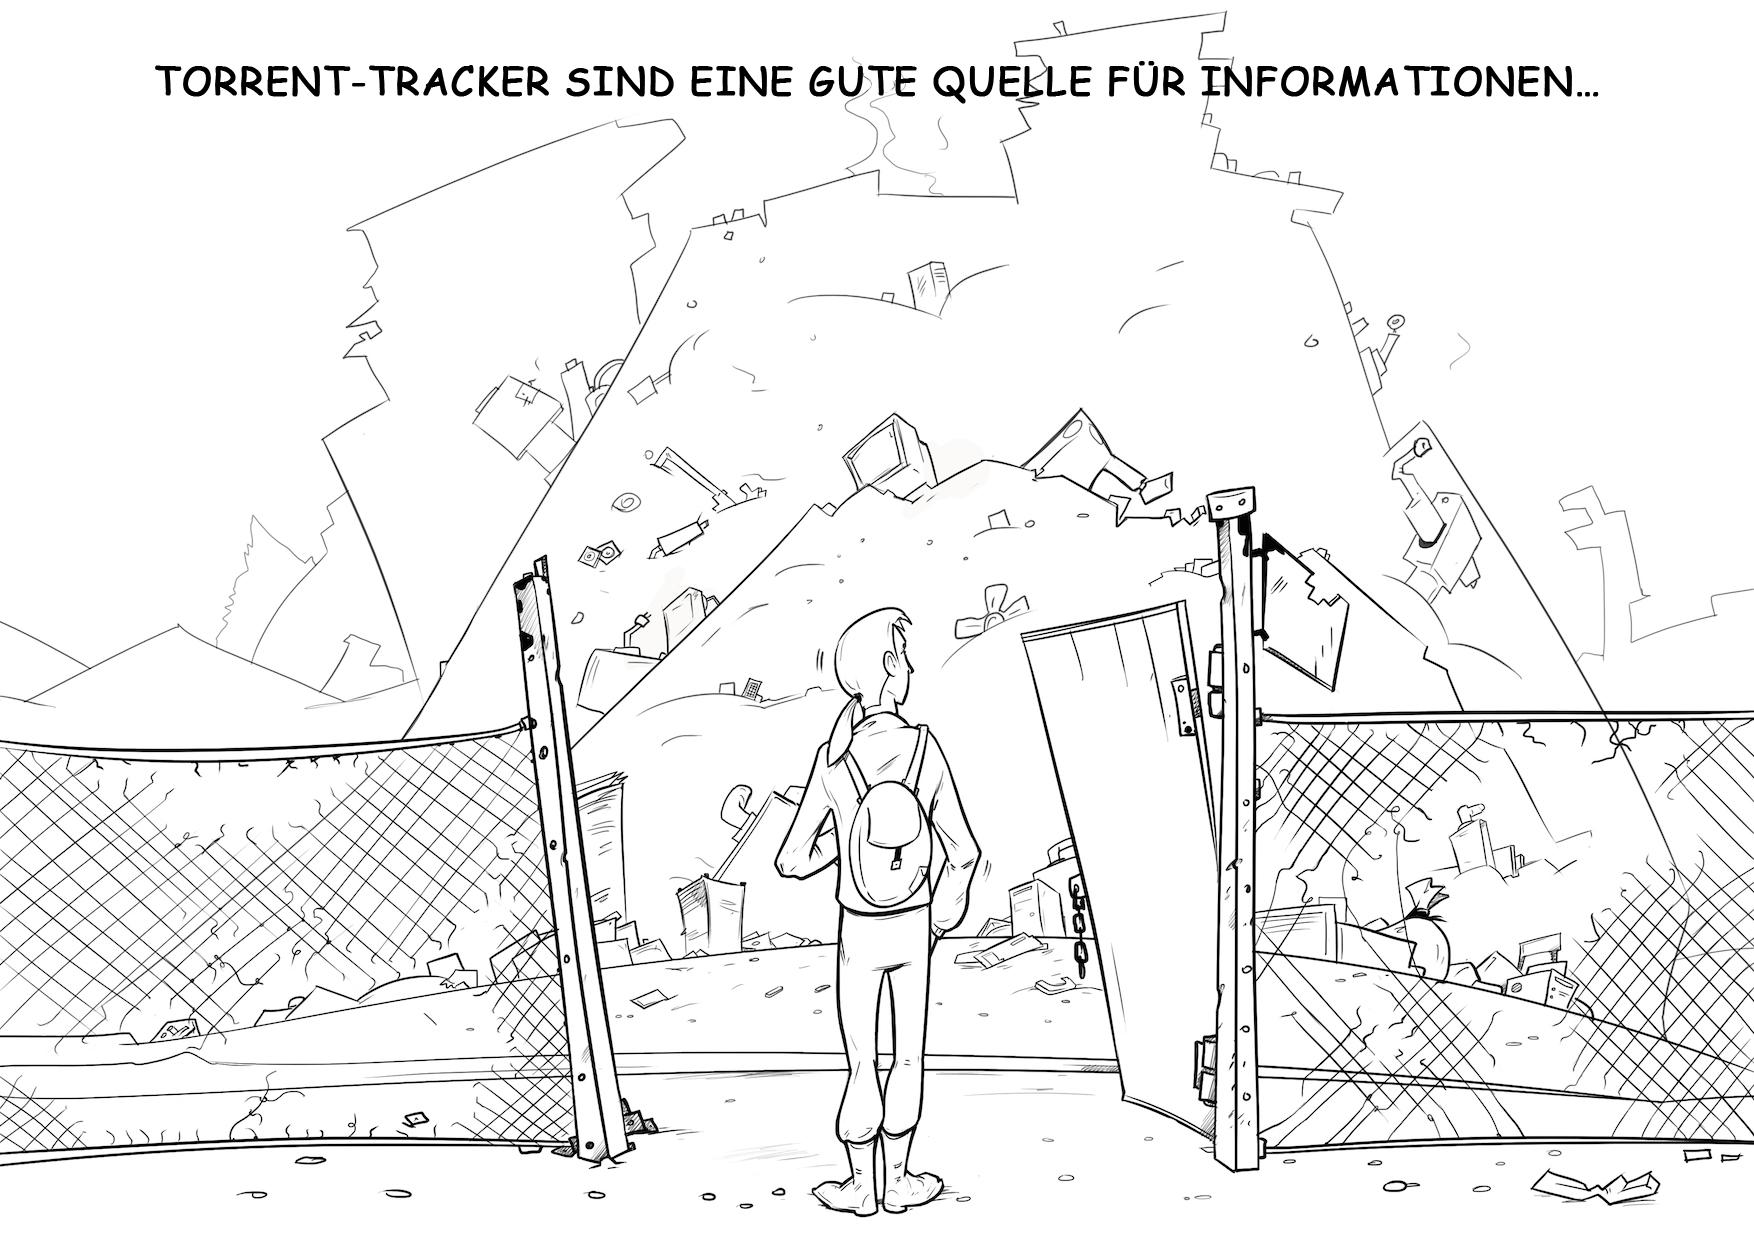 Torrent tracker 1